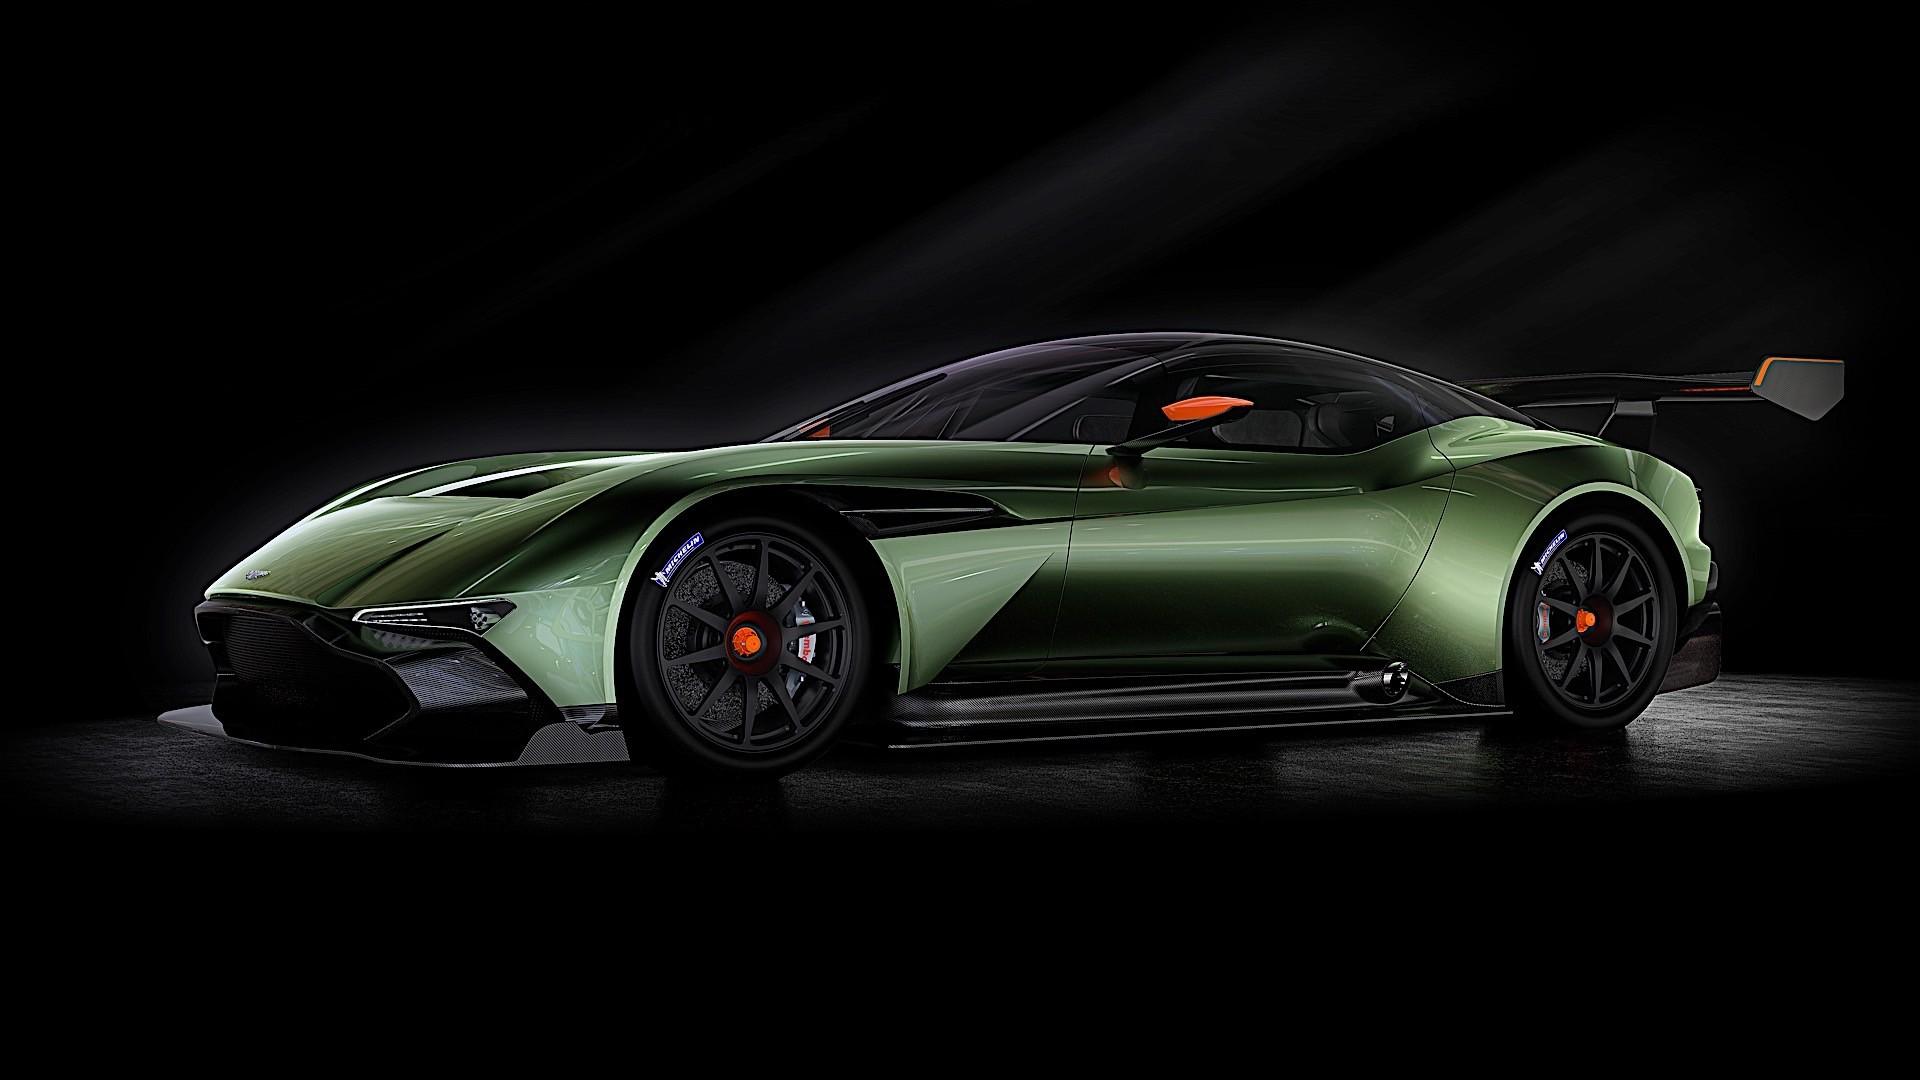 Aston Martin Vulcan Spezifikationen Fotos 2015 2016 Autoevolution In Deutscher Sprache